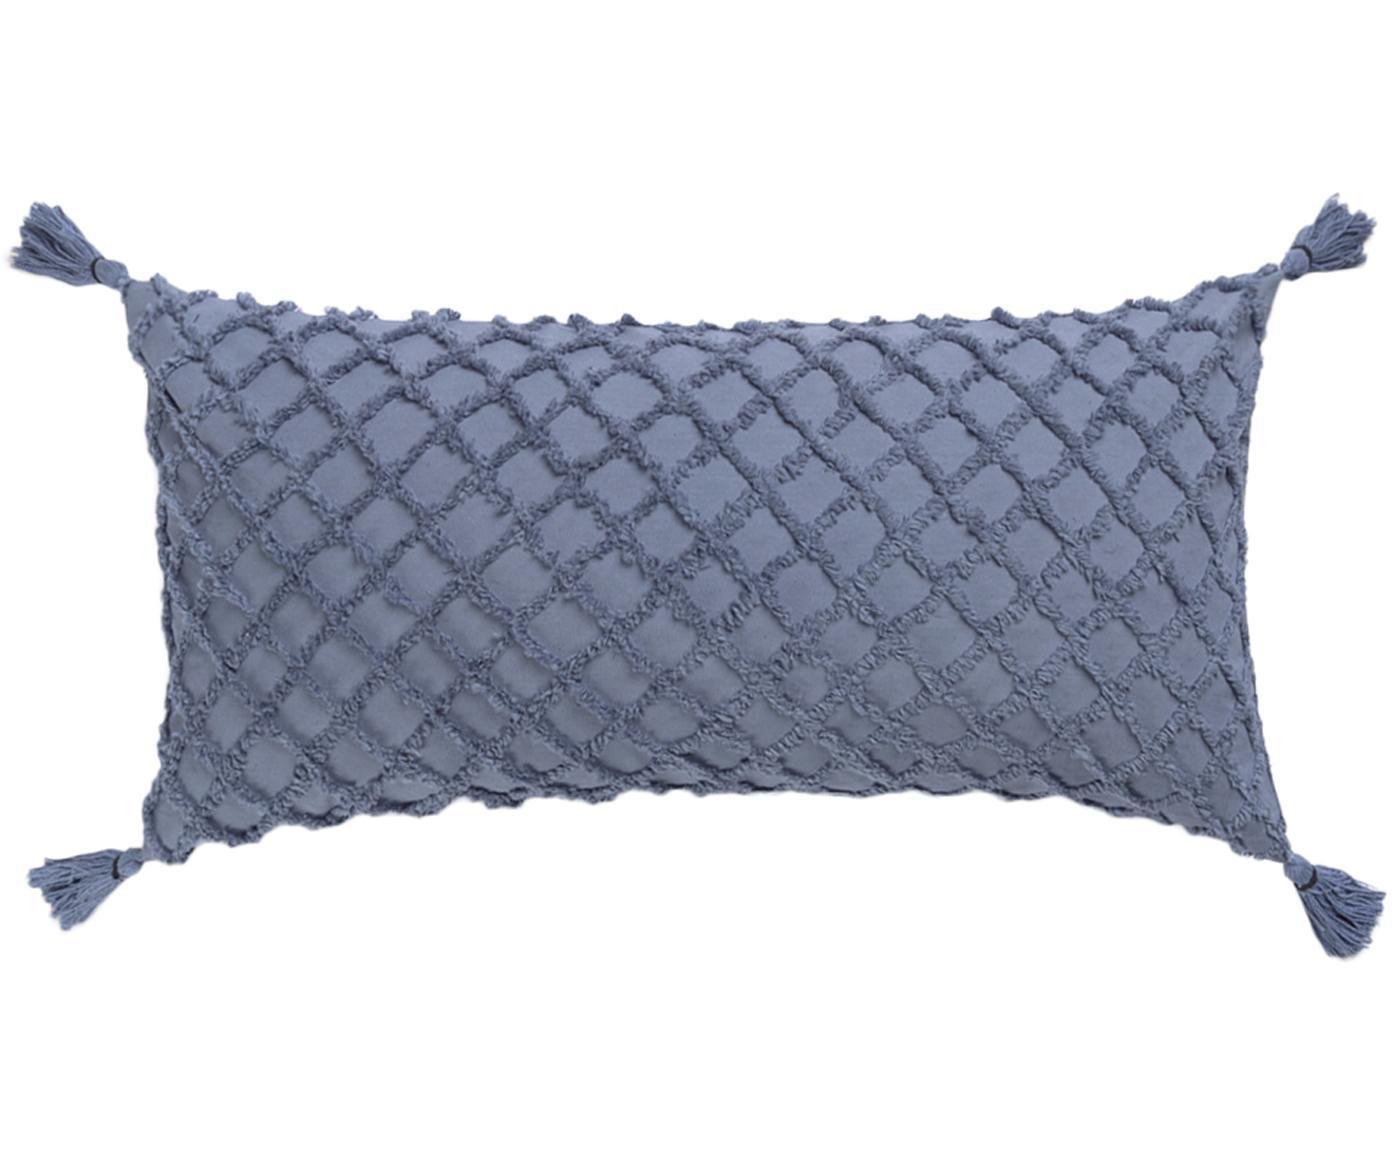 Poszewka na poduszkę Royal, Bawełna, Niebieski, S 30 x D 60 cm